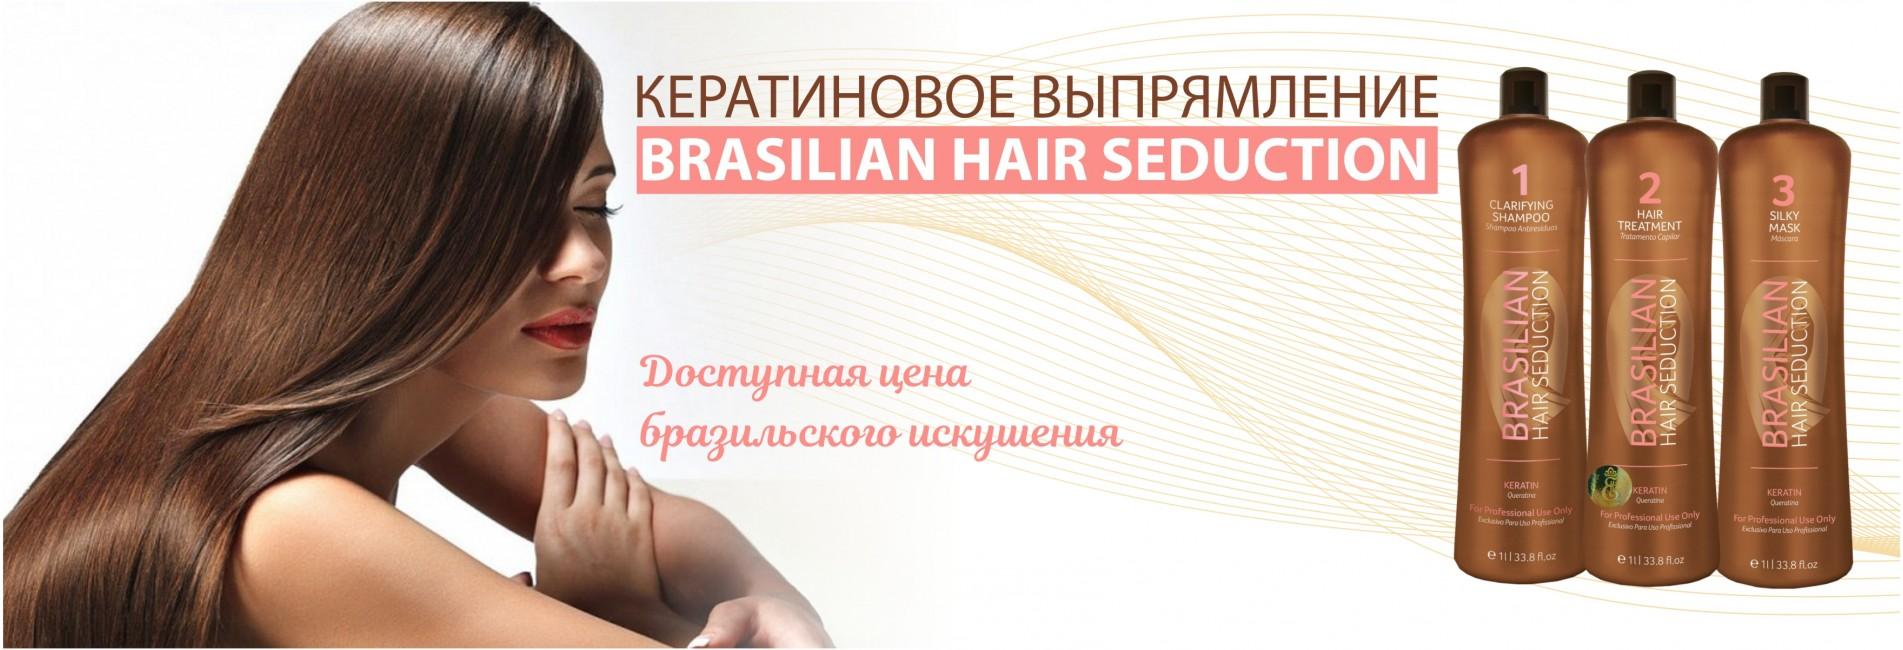 Кератиновое выпрямление Brasilian Hair Seduction